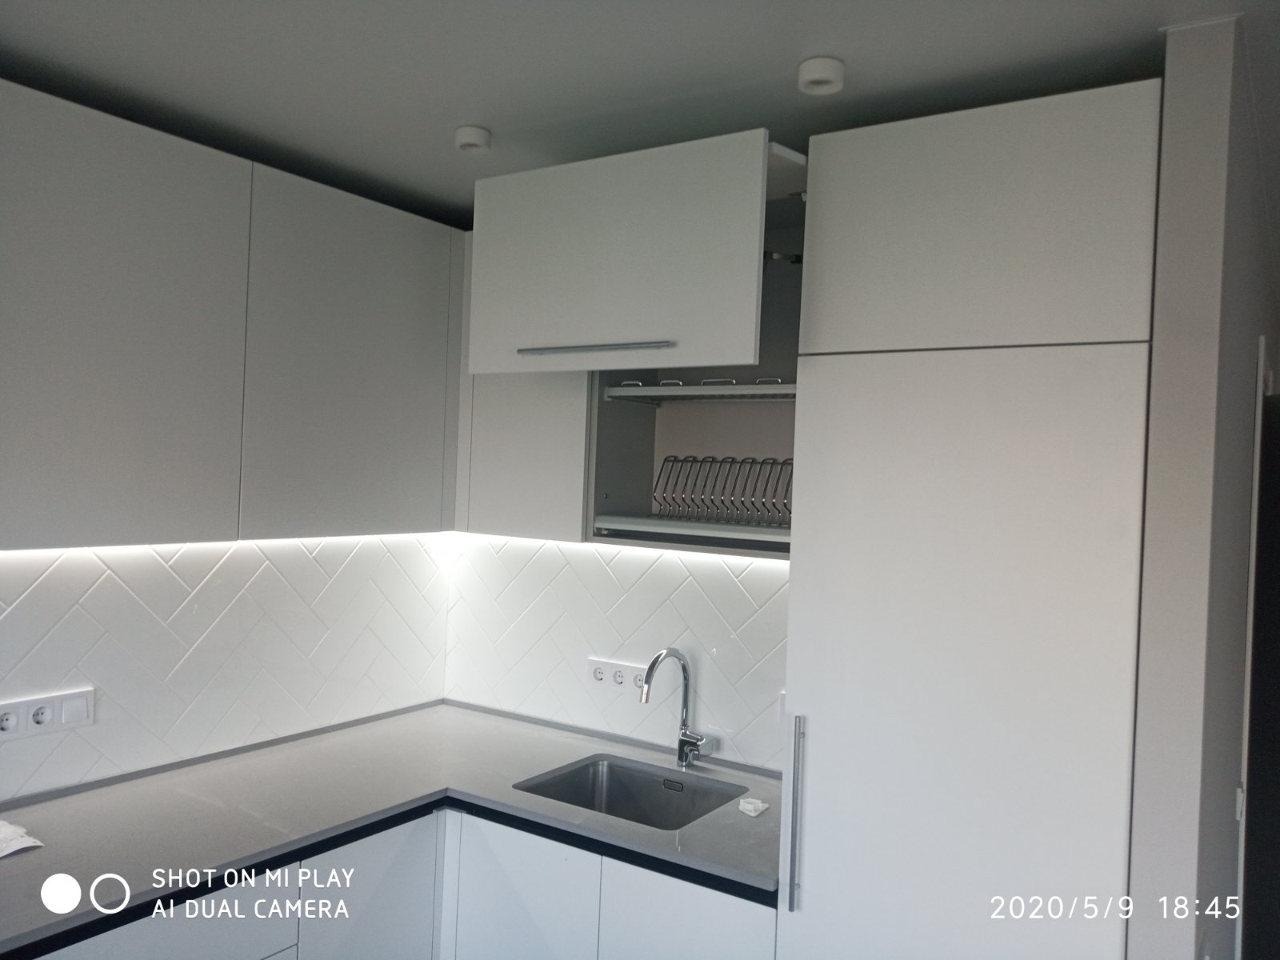 Кухня на заказ белая угловая 0520-51